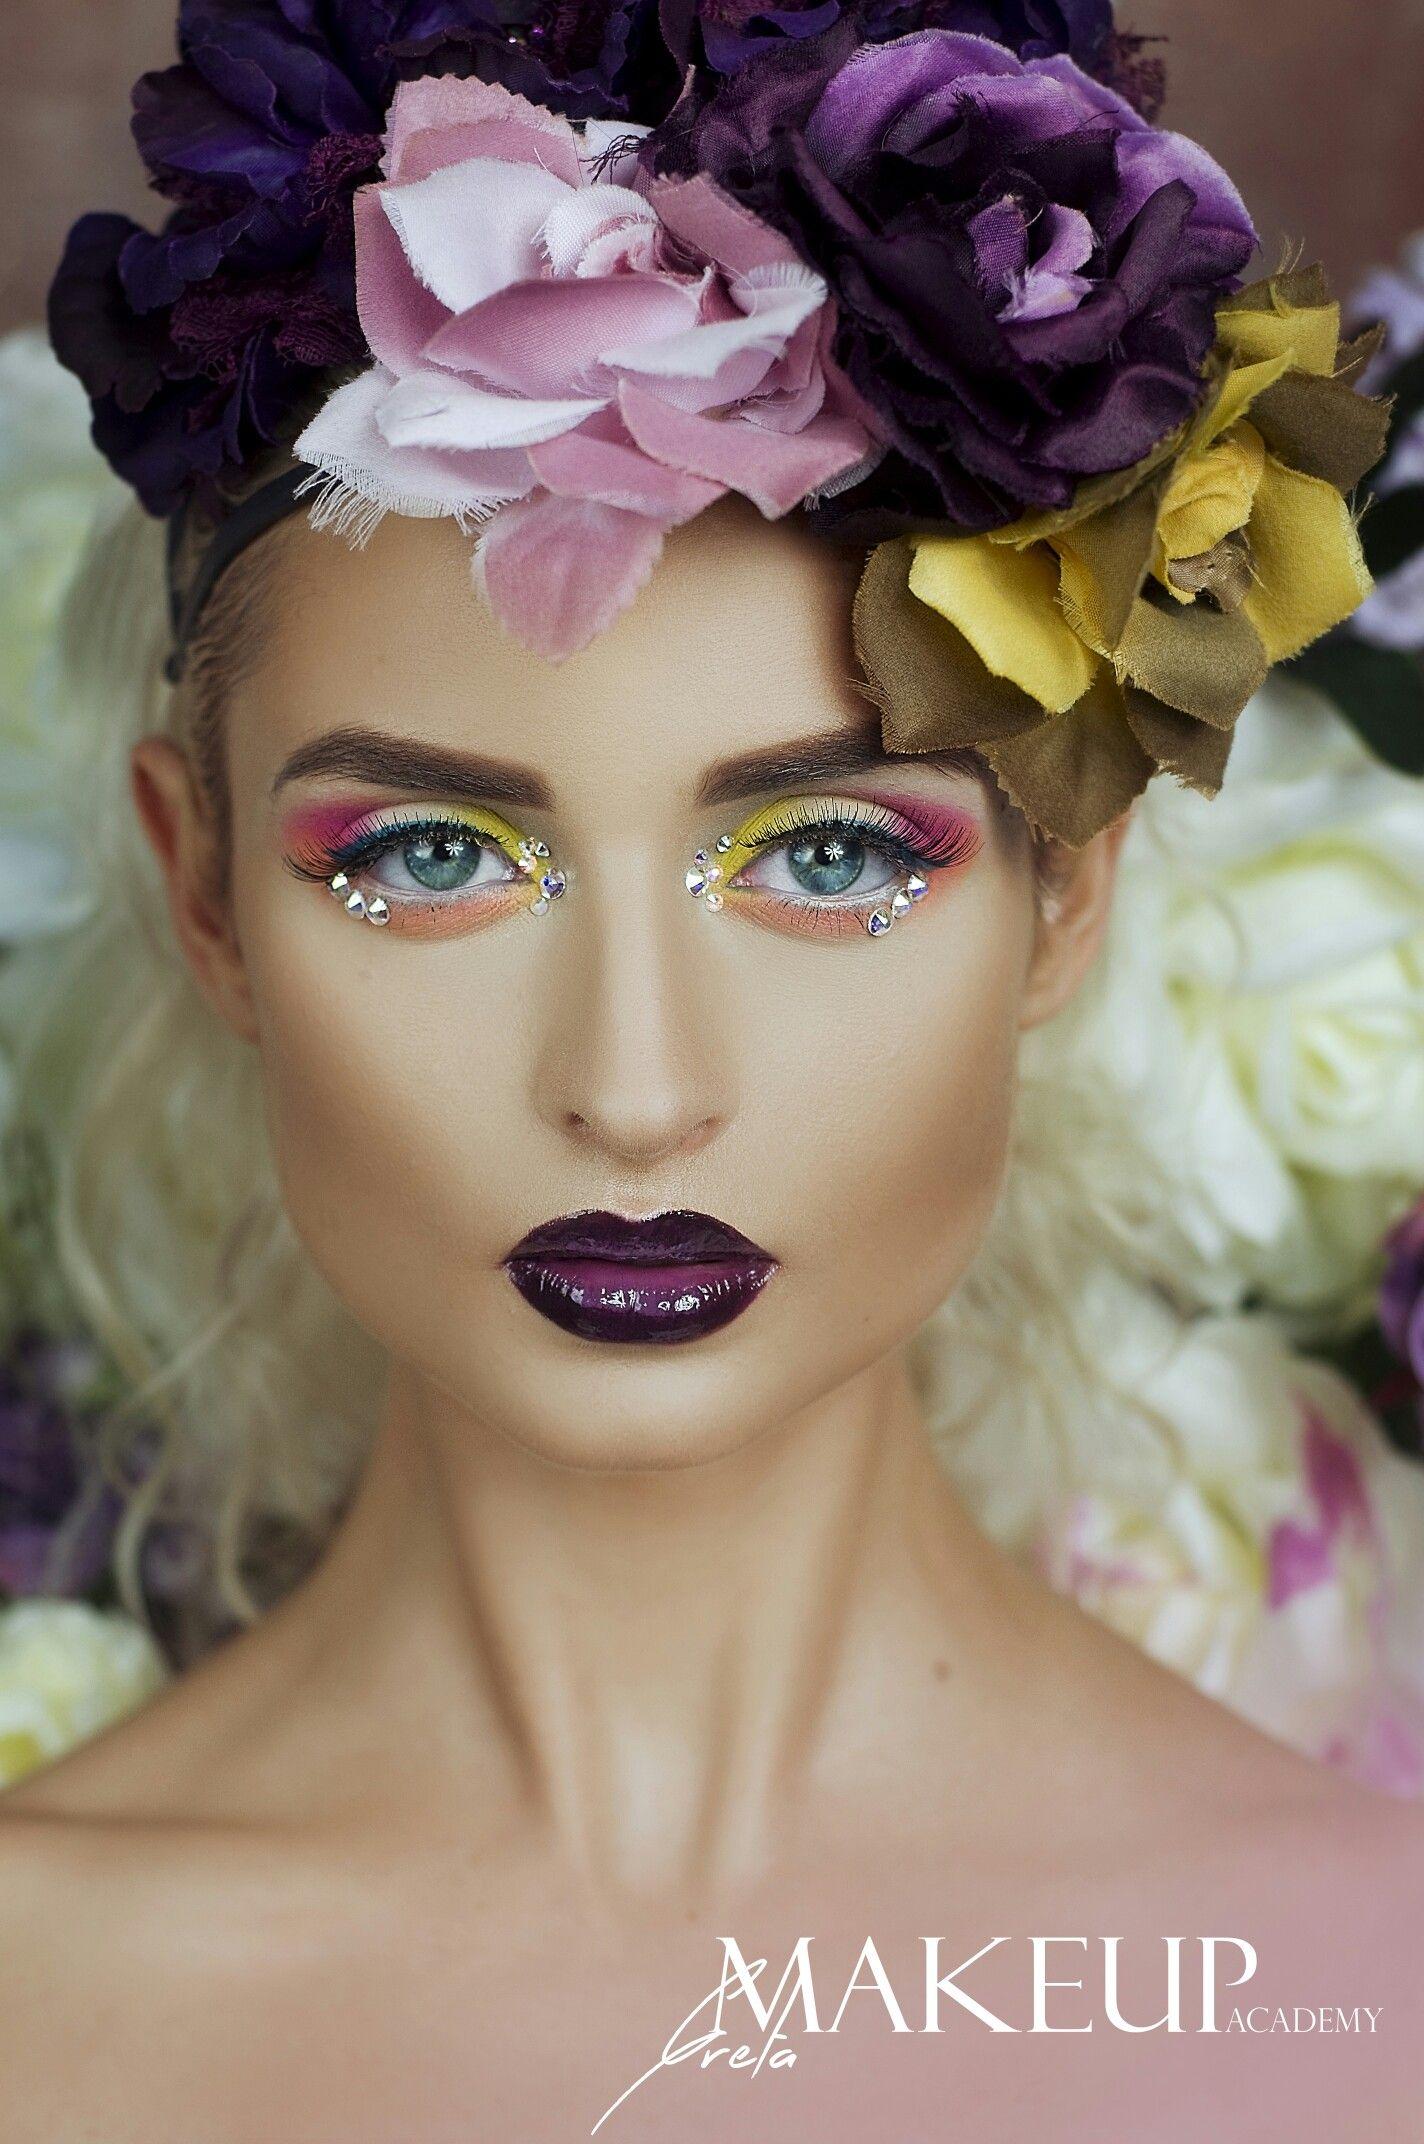 Makeup academy Makeuplover Makeup academy, Face art, Her